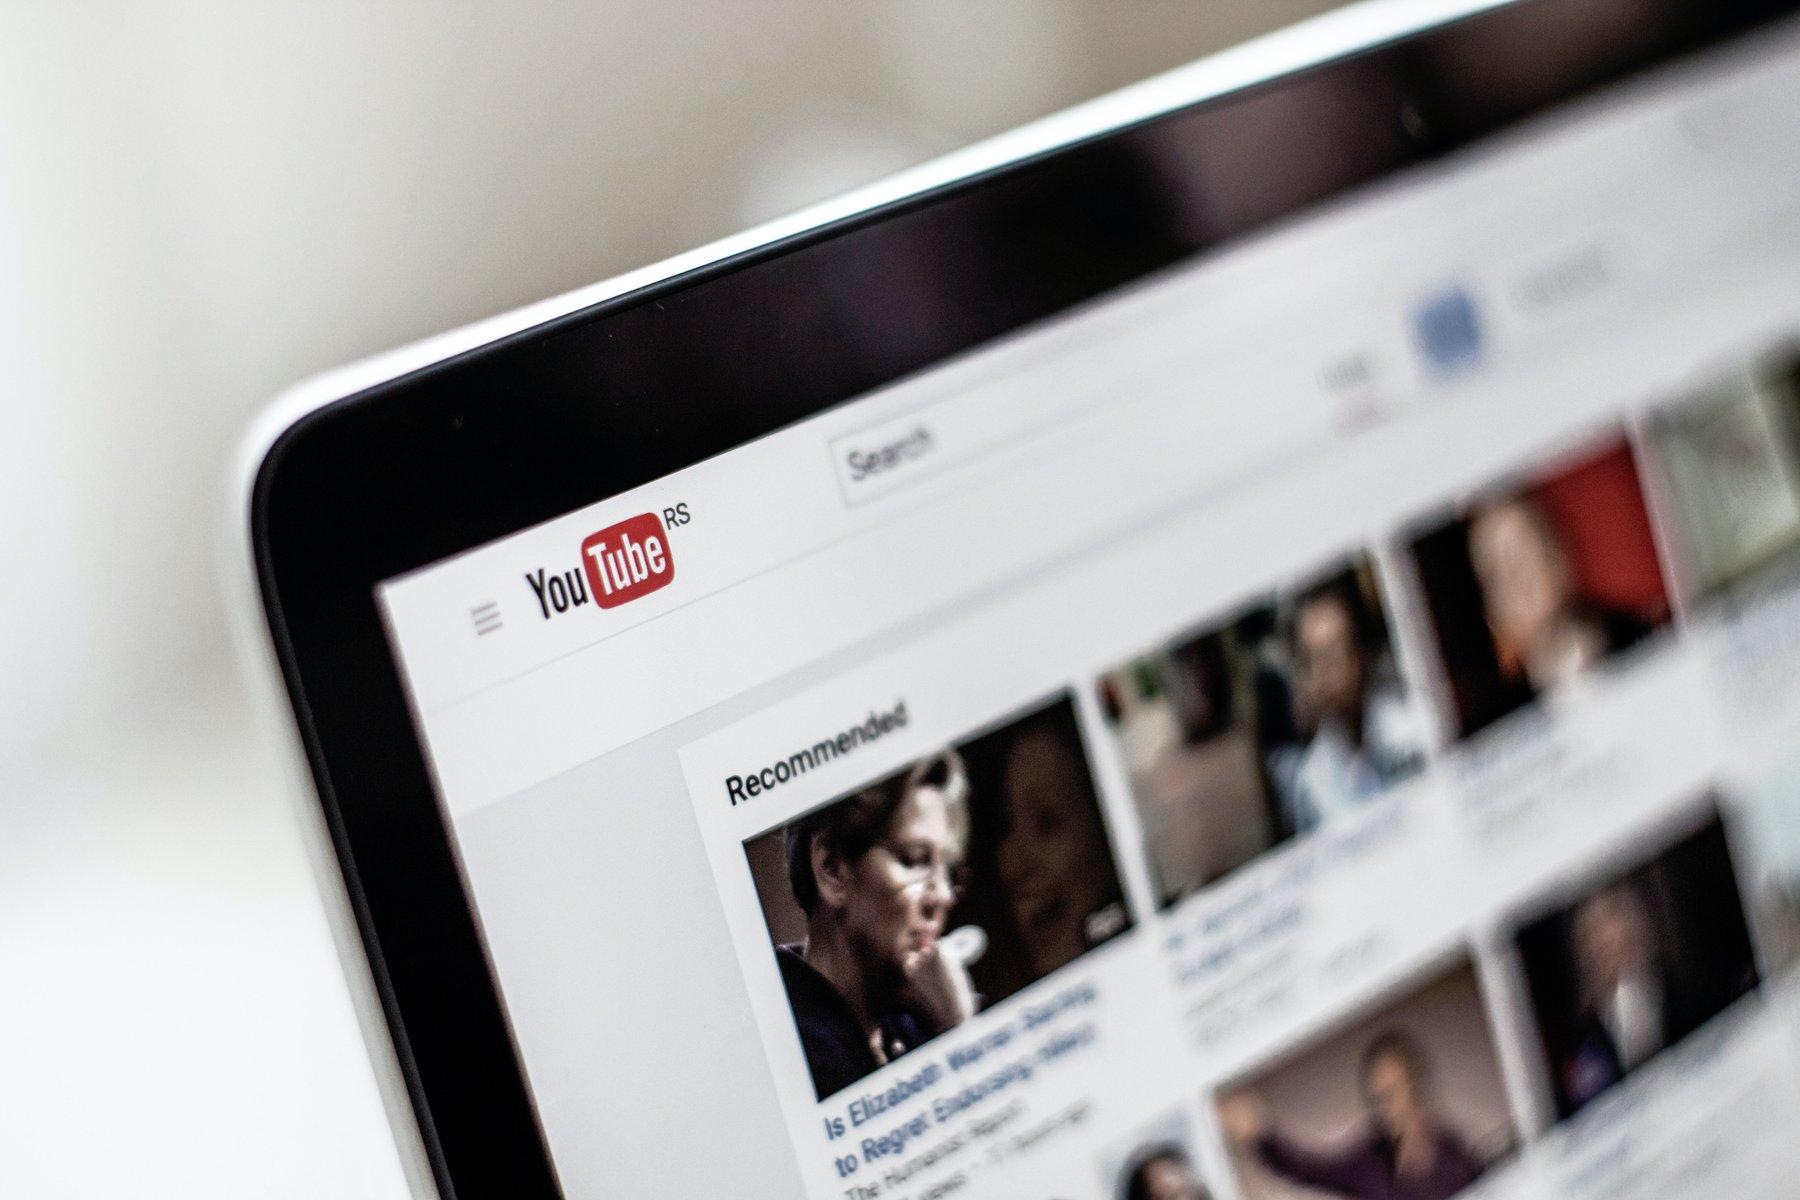 Youtube Optimisation_3 Reasons